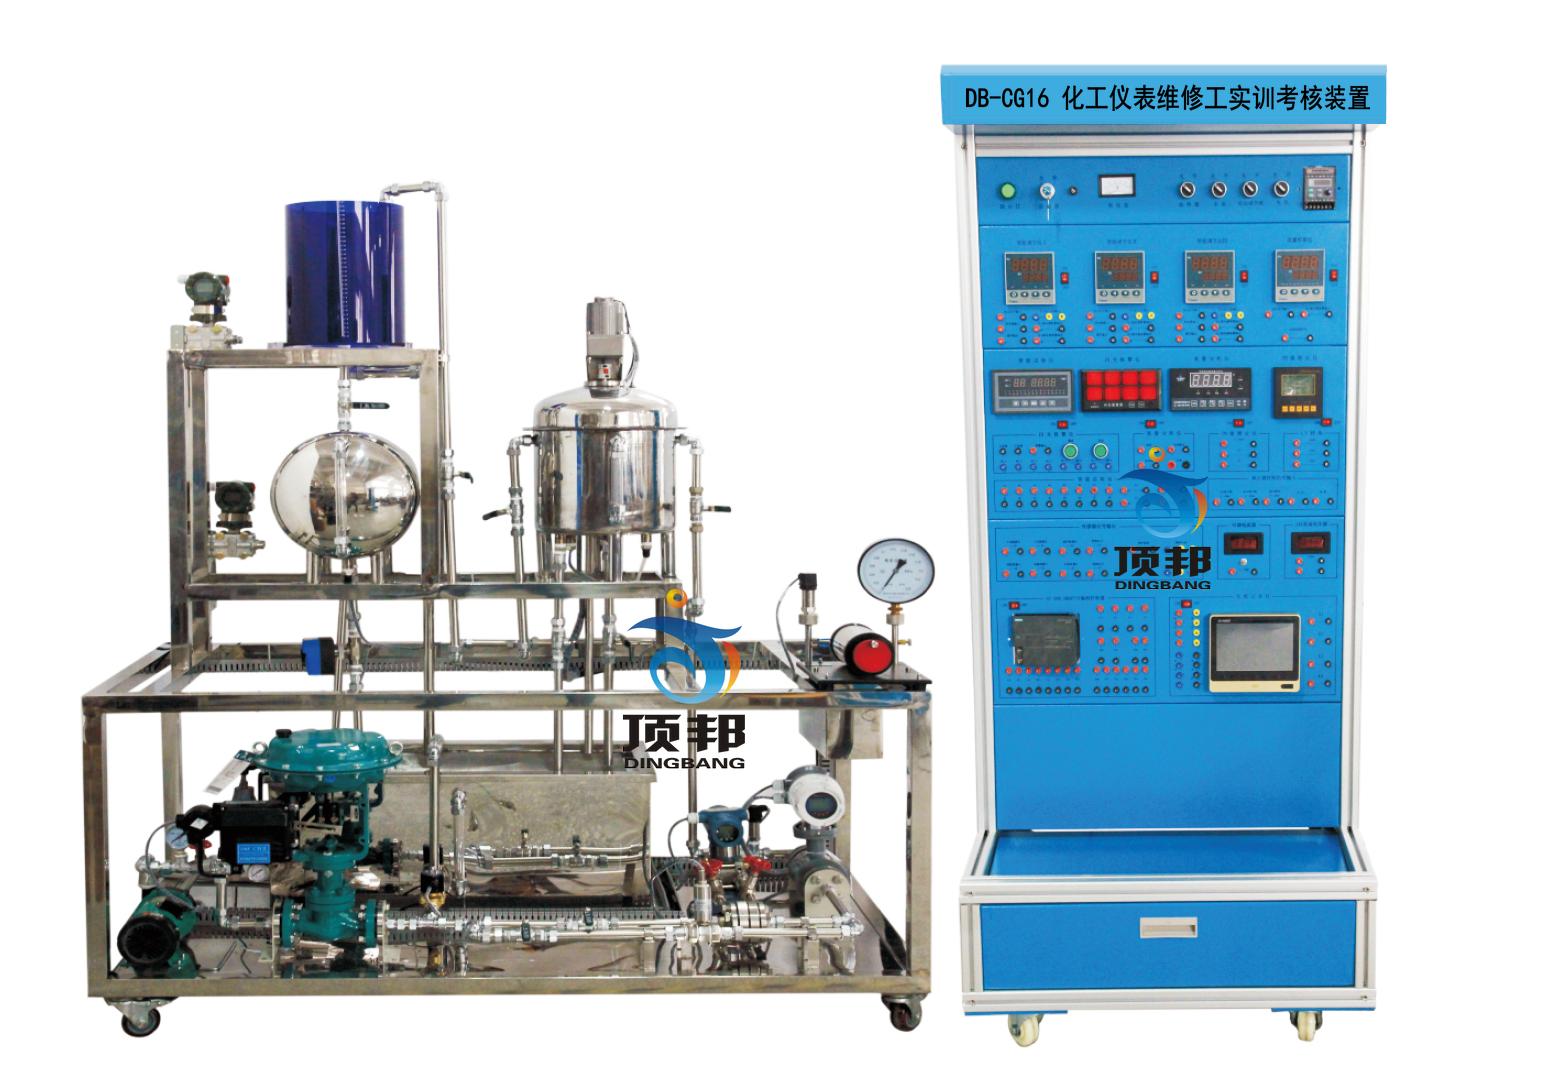 化工仪表维修工实训考核装置